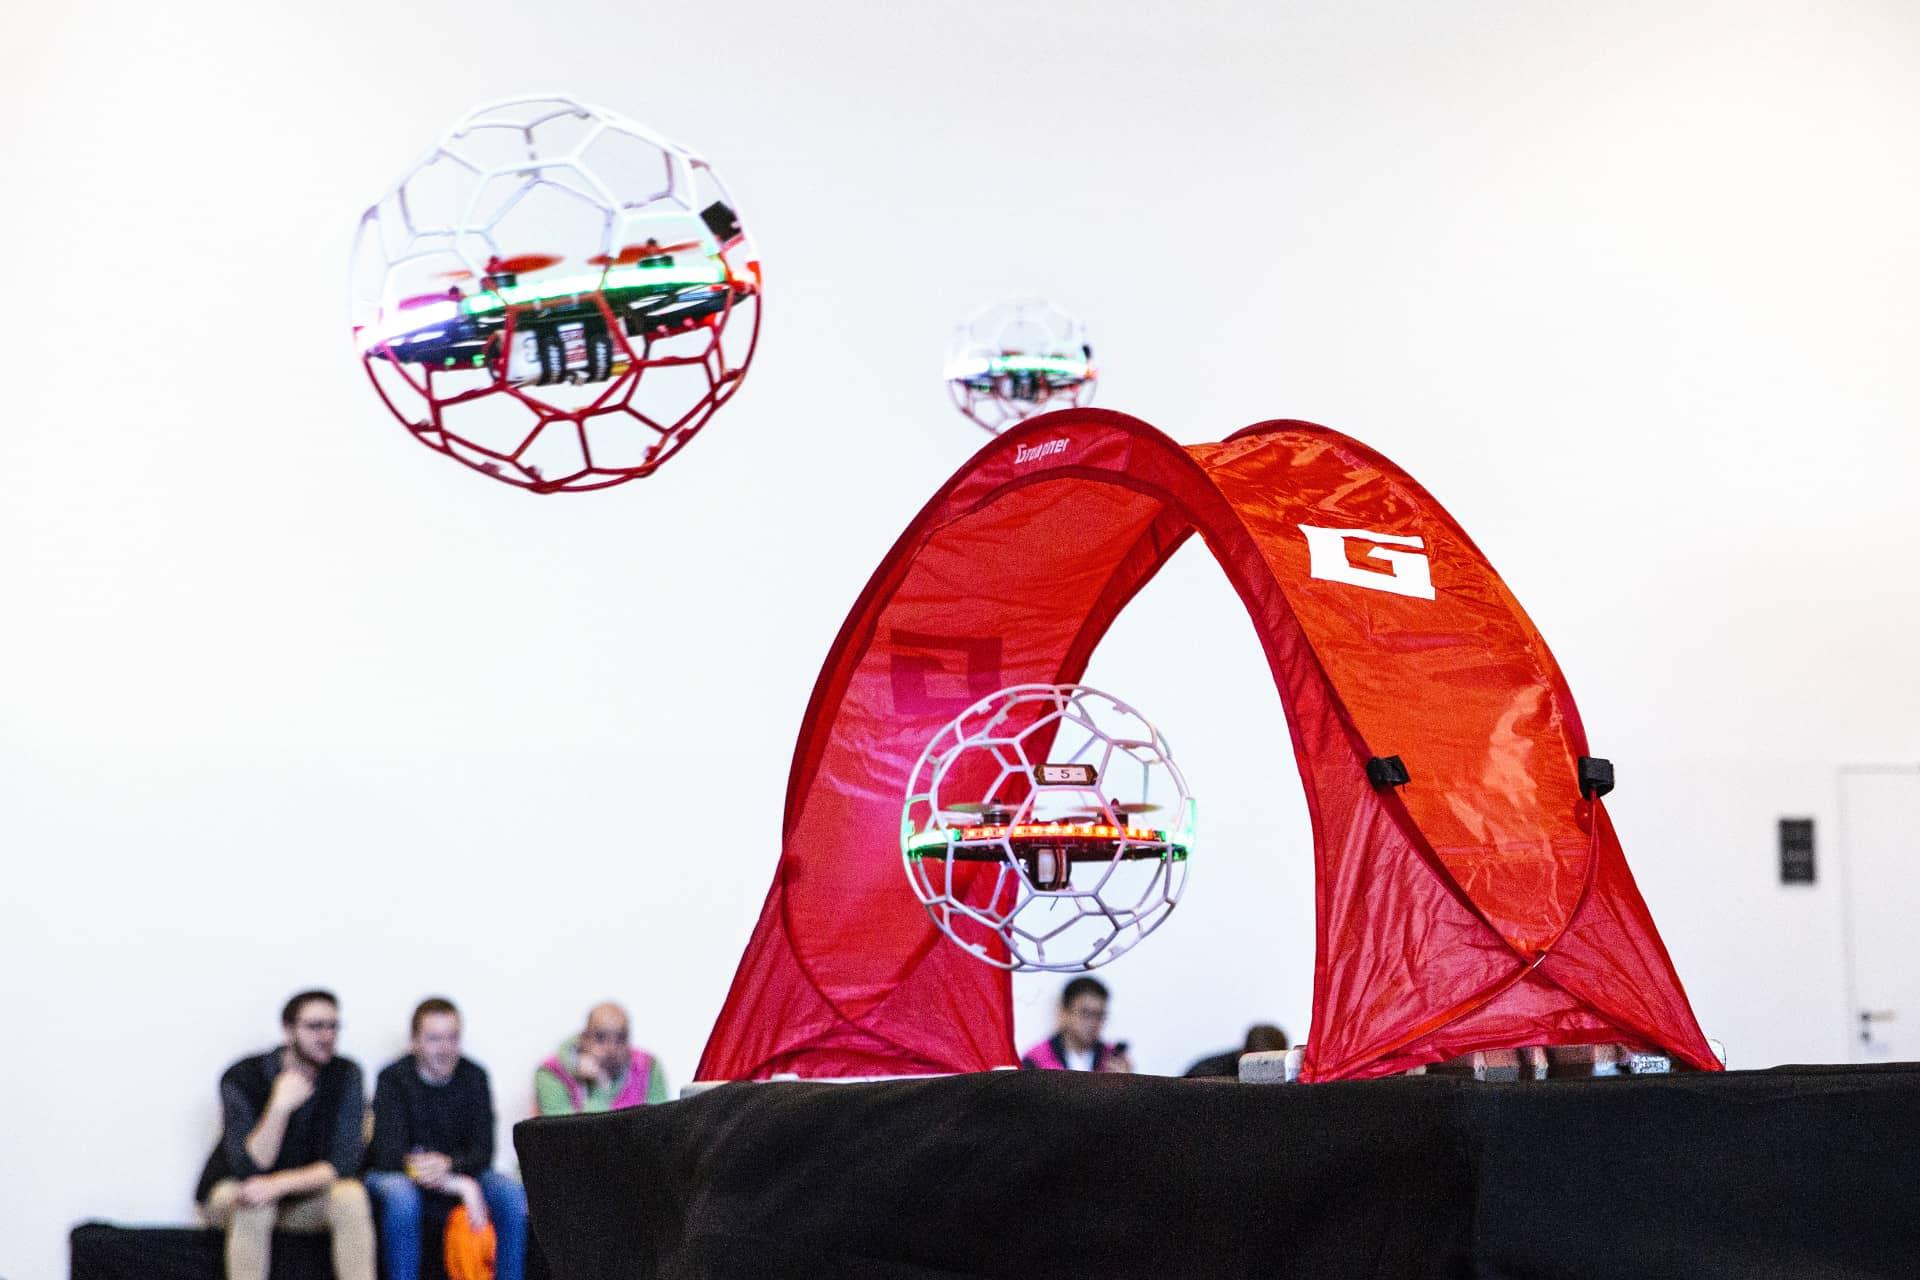 Teamevent Droneball München